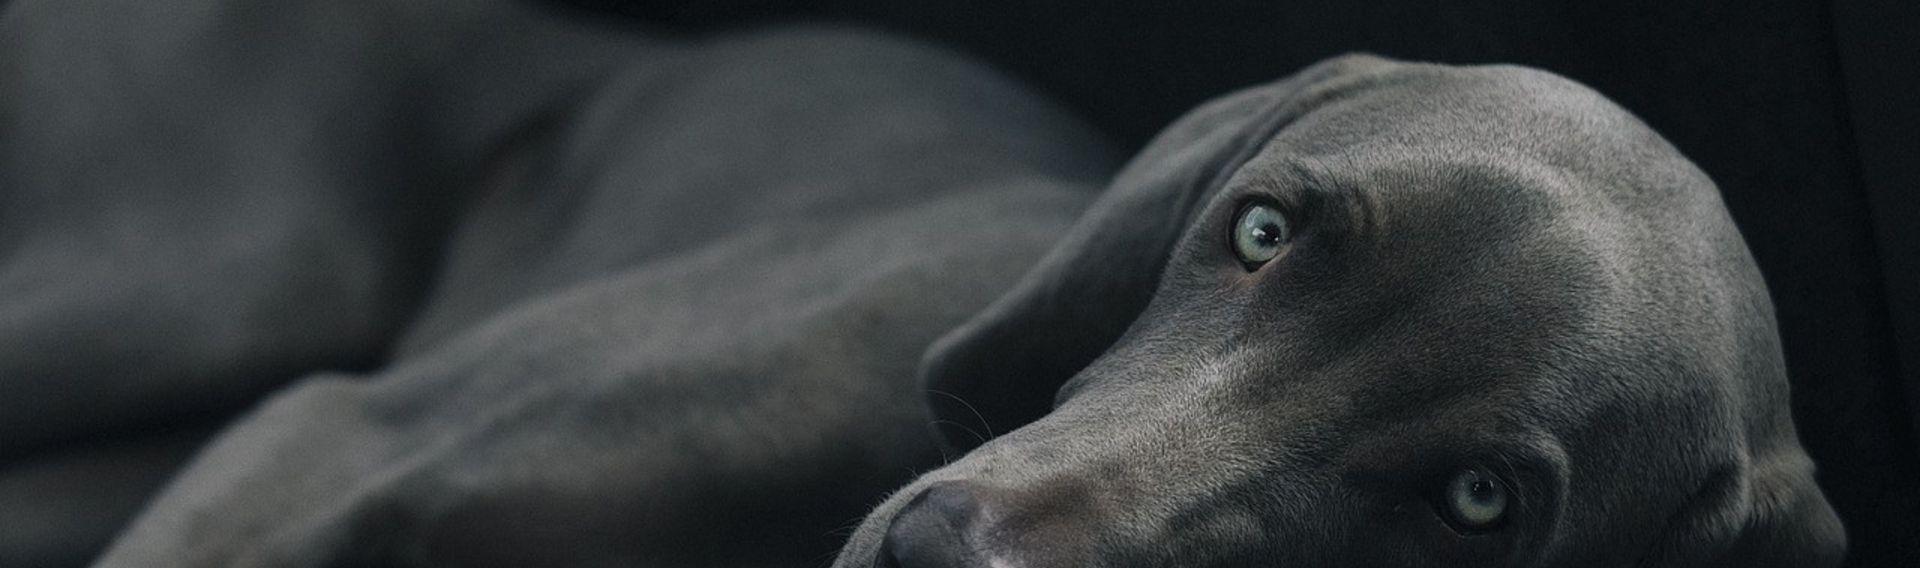 Dog Live 18.- 19.1. 2020